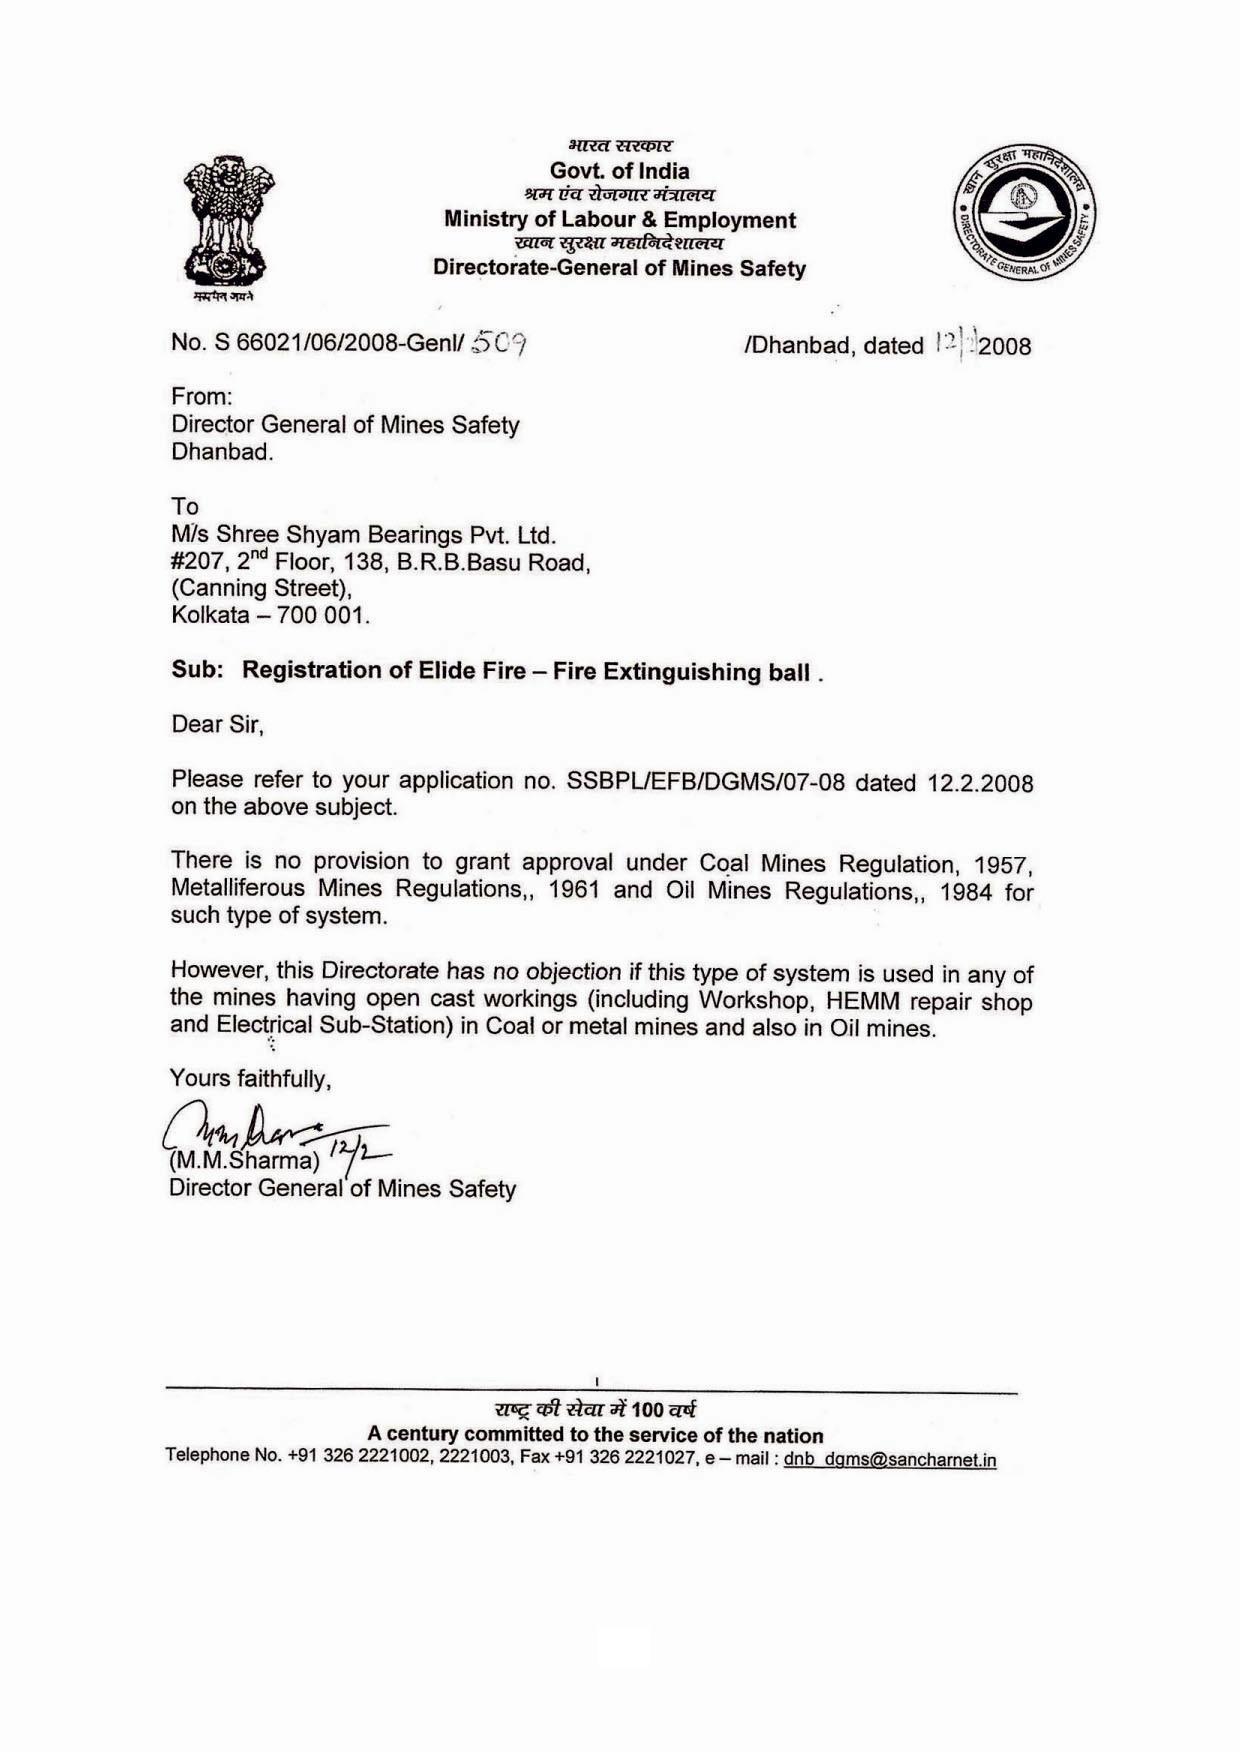 Noc letter format to vodafone best of government official letter noc letter format to vodafone best of government official letter shree shyam bearings pvt ltd elide fire ball bearings spiritdancerdesigns Images